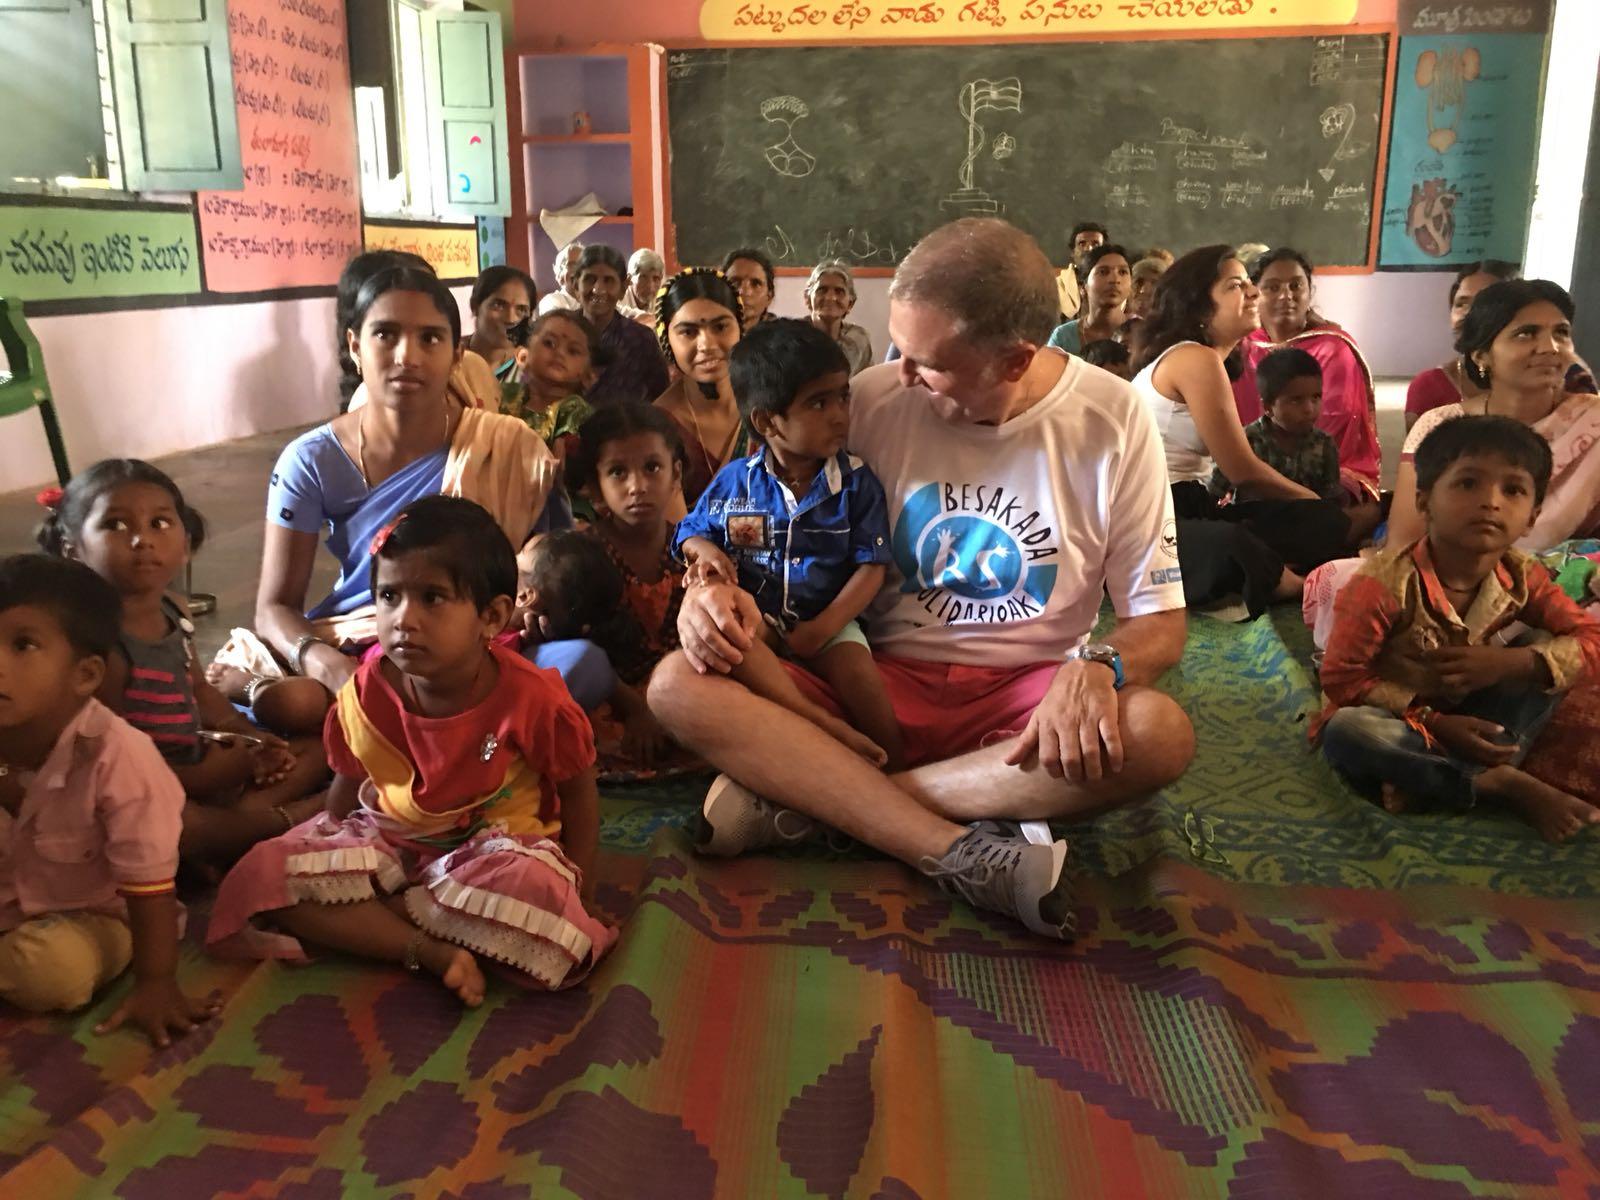 Busca y encontrarás (Viaje a la India. II capítulo)